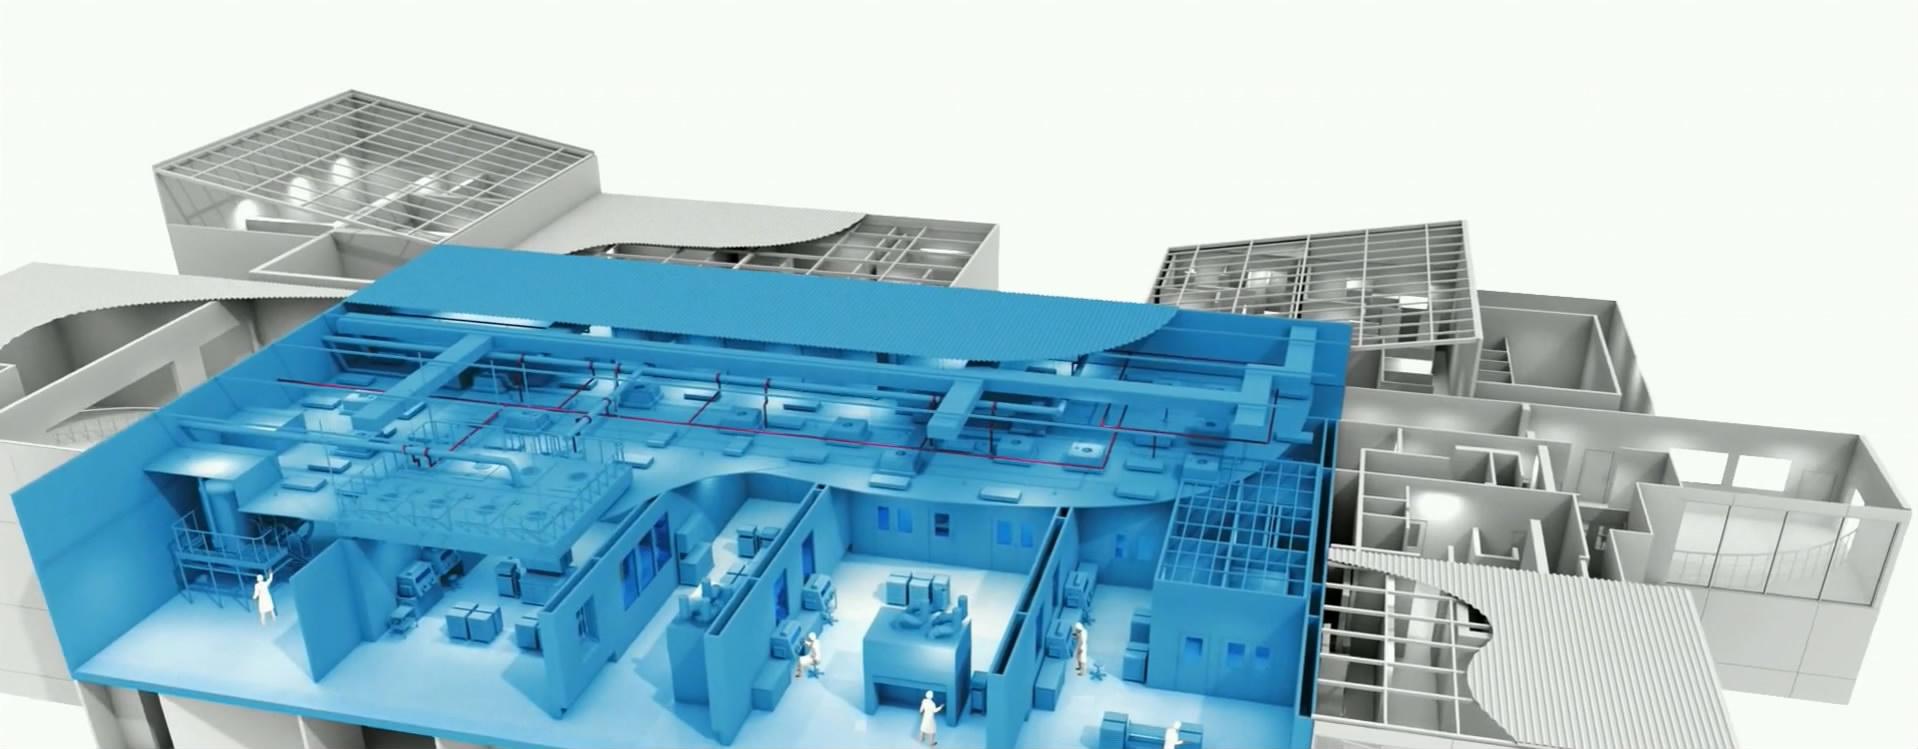 厂房剖面结构:工业建筑模拟动画制作、建筑漫游动画制作